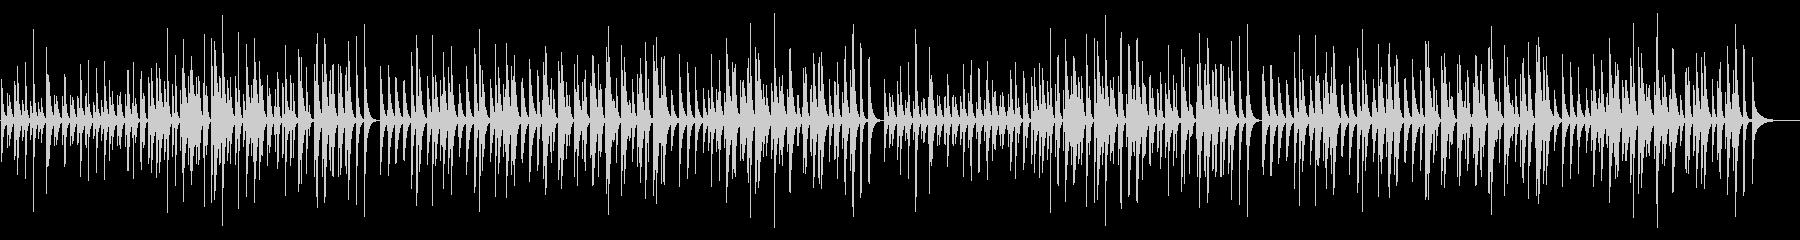 ピアノソナタ オルフ木琴の未再生の波形